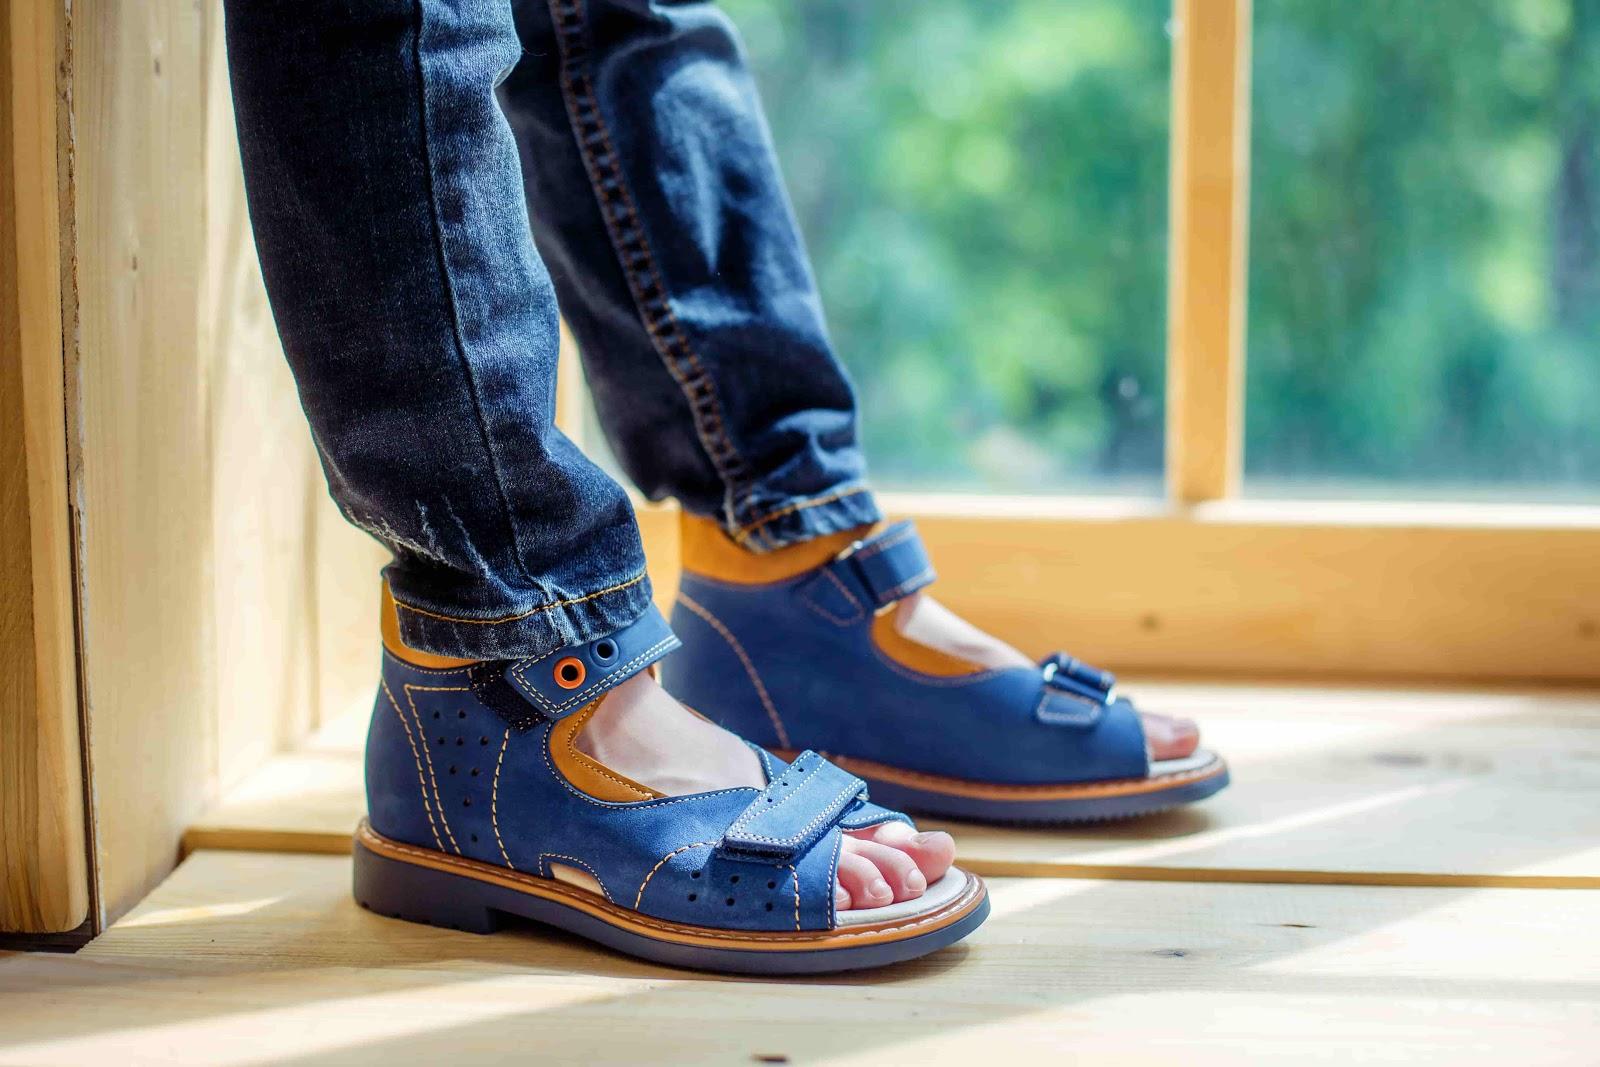 f90eef891989 Какие виды летней обуви наиболее удобны и так уж необходимы? Как выбрать  детские босоножки, не перегружая обувной гардероб и при этом заботясь о  здоровье ...